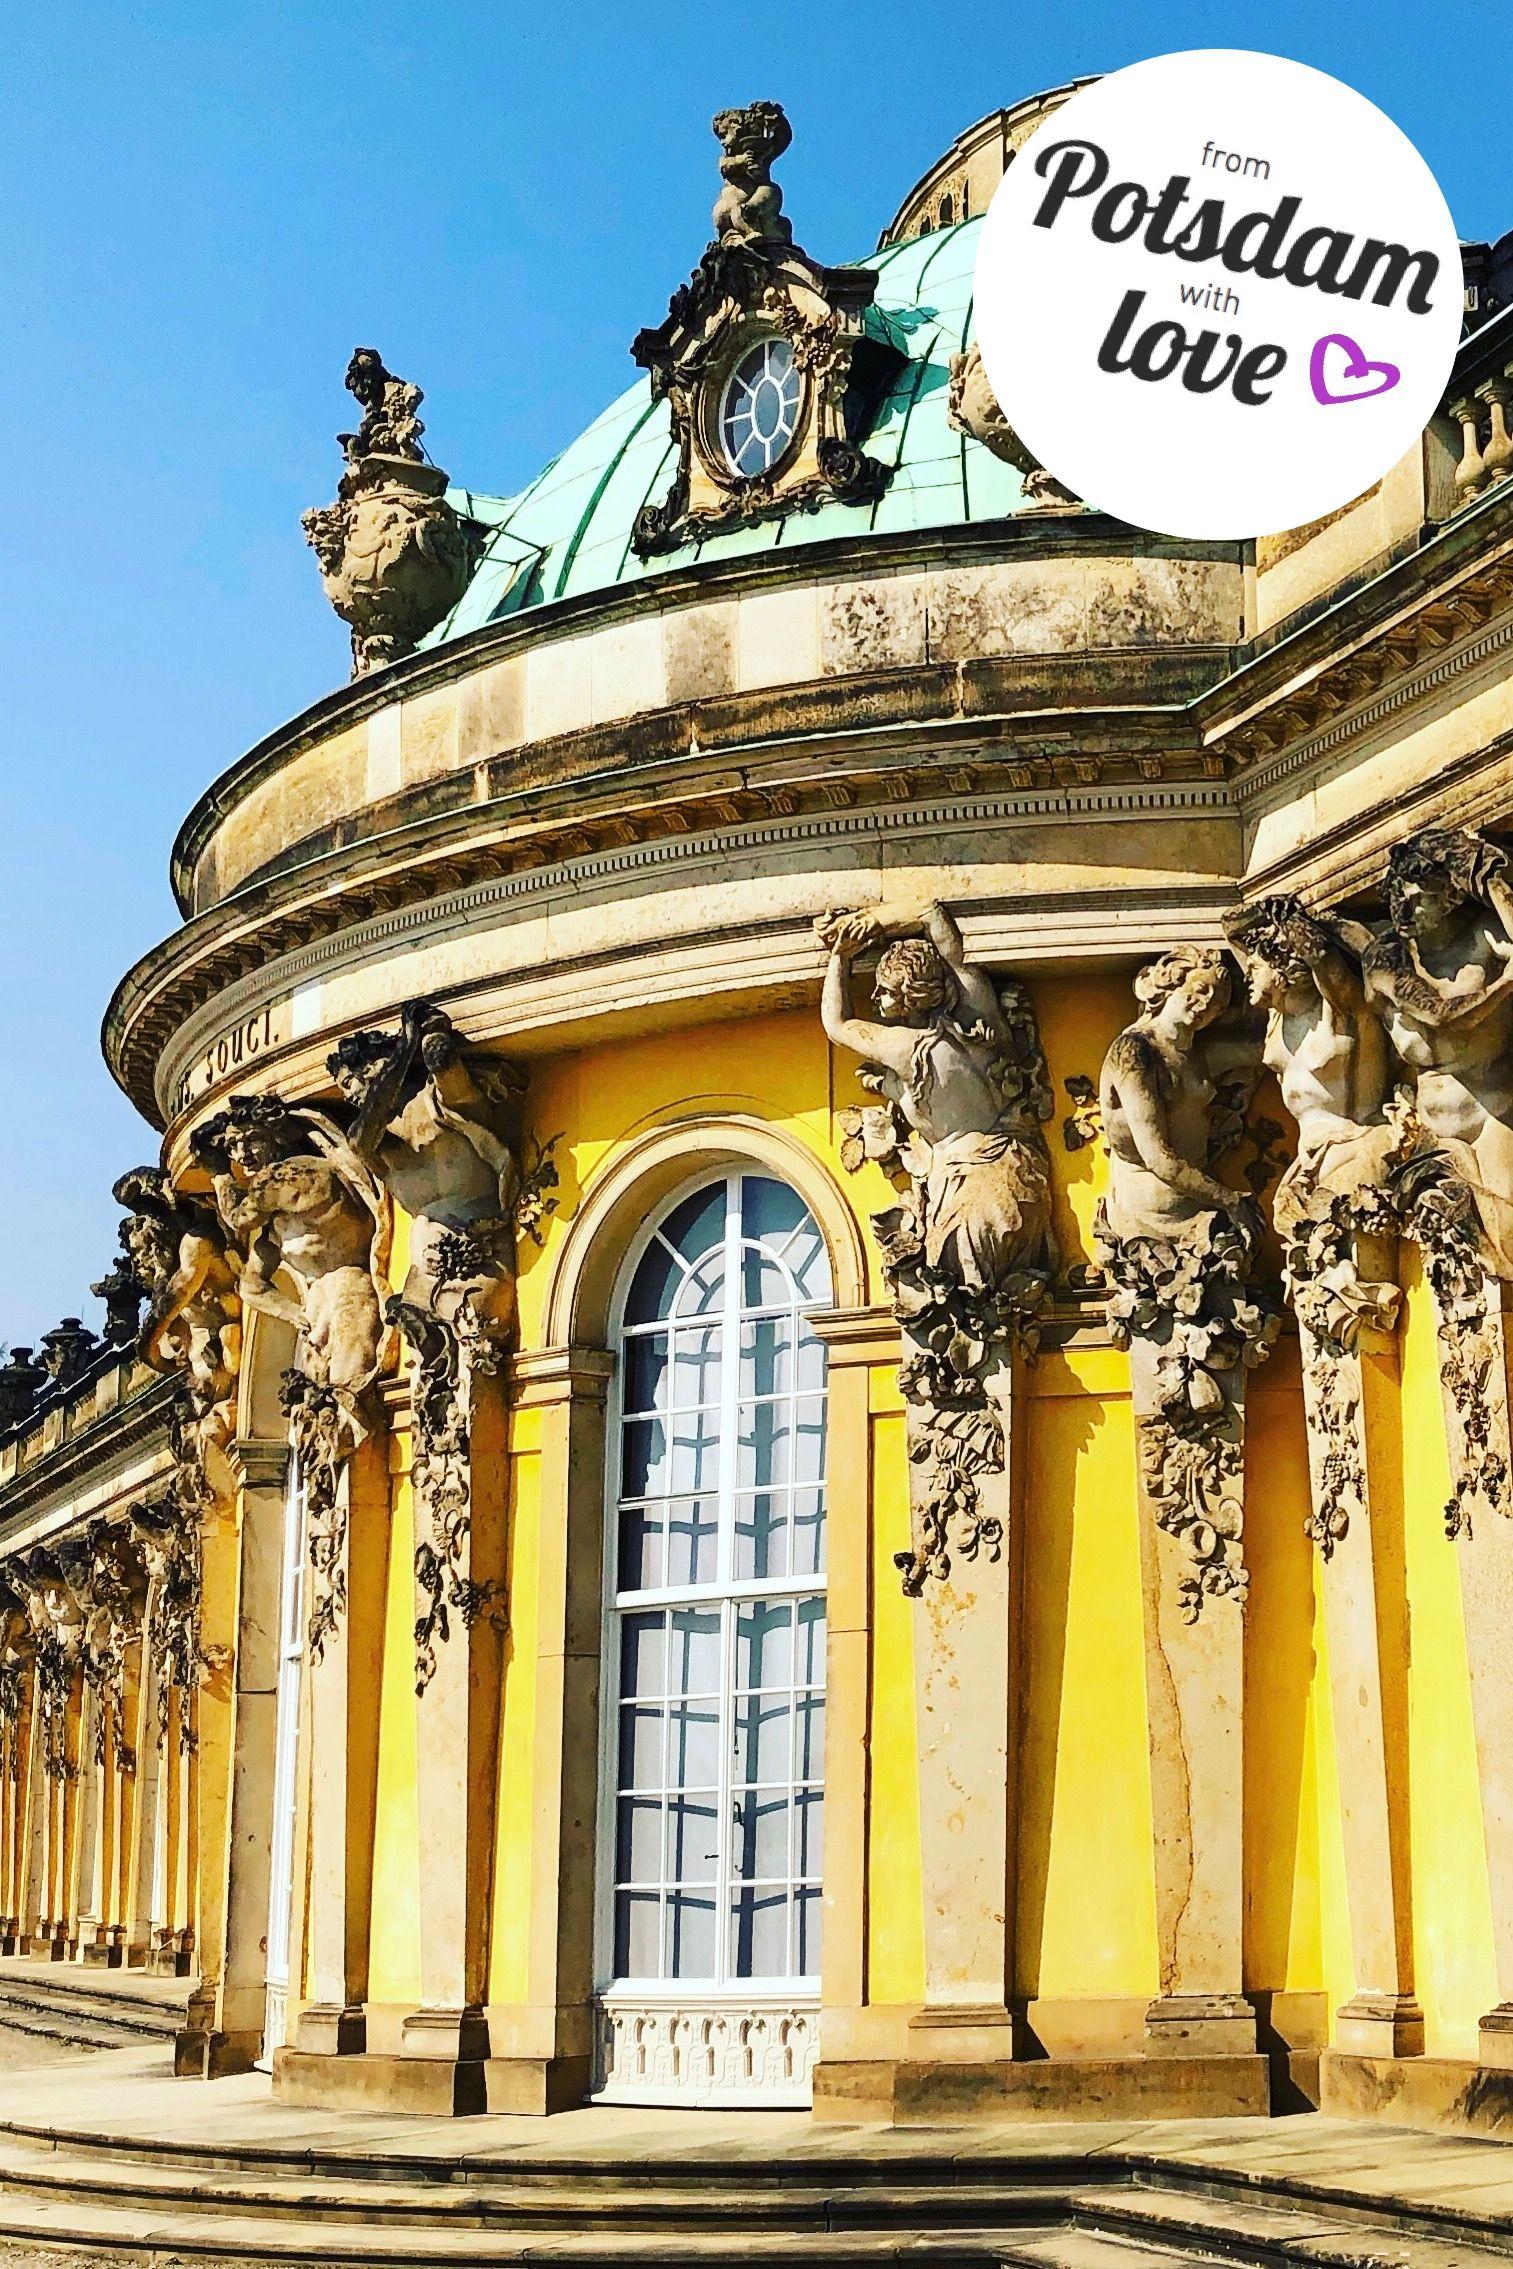 Park Sanssouci Die 8 Schonsten Highlights Potsdam Schloss Sanssouci Sanssouci Potsdam Schloss